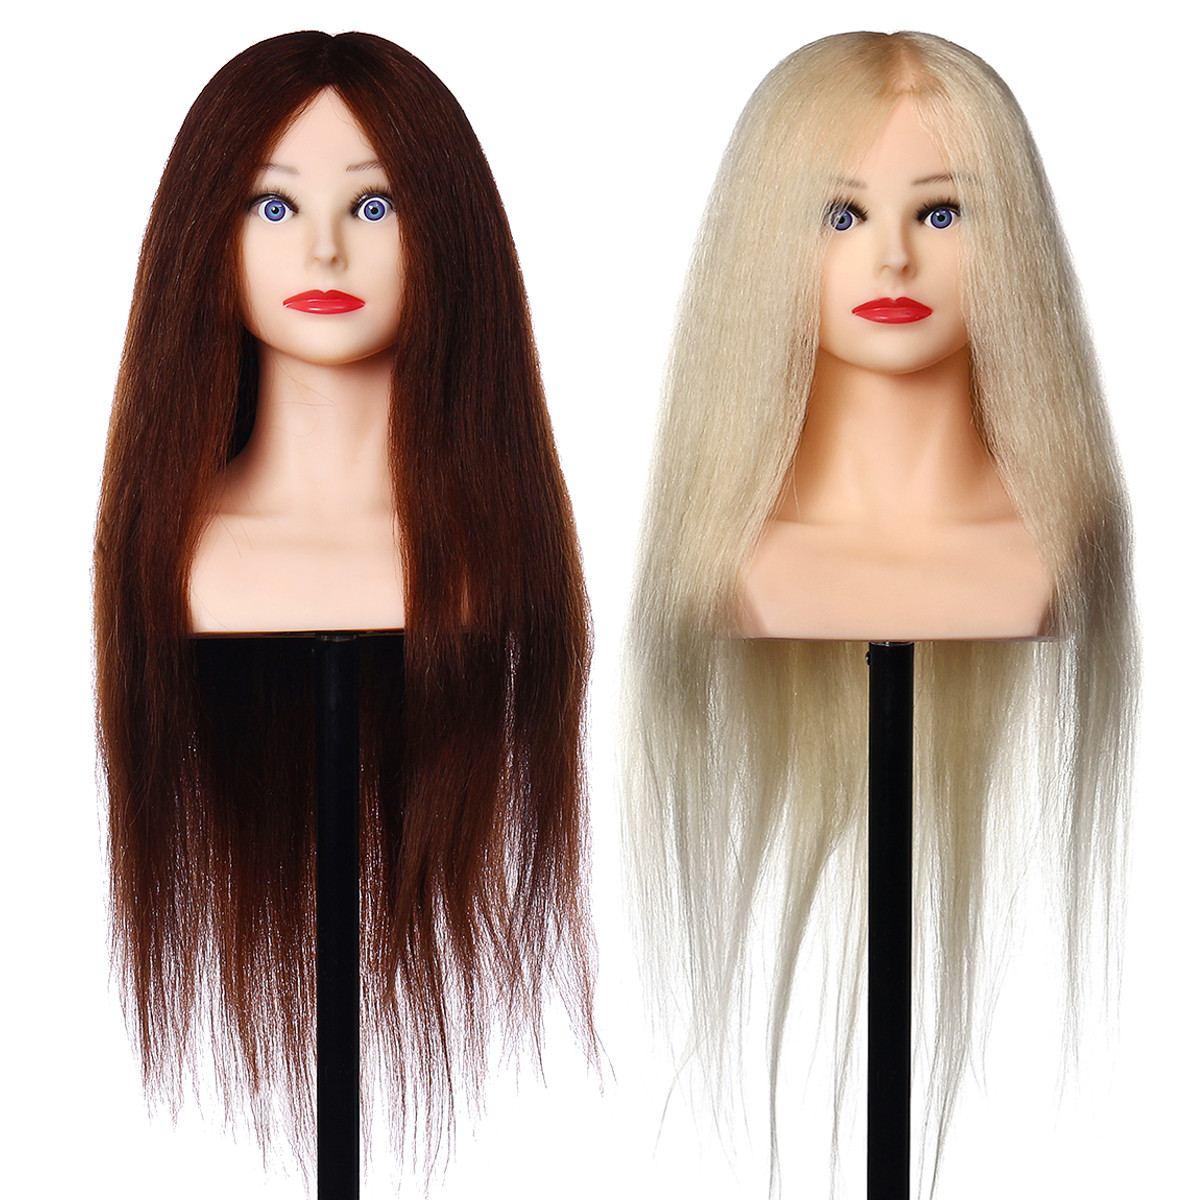 Tête de Mannequin de coiffure avec 90% cheveux humains naturels pour les coiffeurs de coiffures tête d'entraînement de pratique de friser 26 pouces